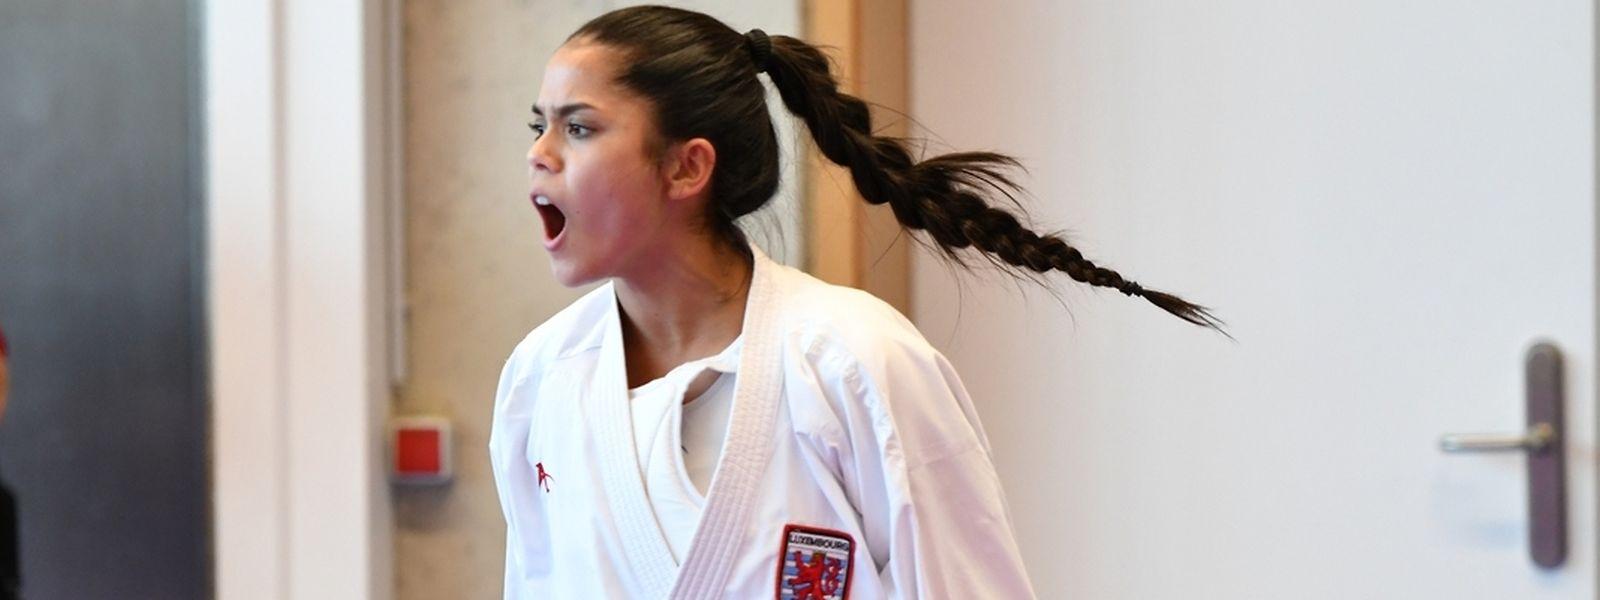 Für Karateka Kimberly Nelting ist Sport ein Teil ihres Lebens.